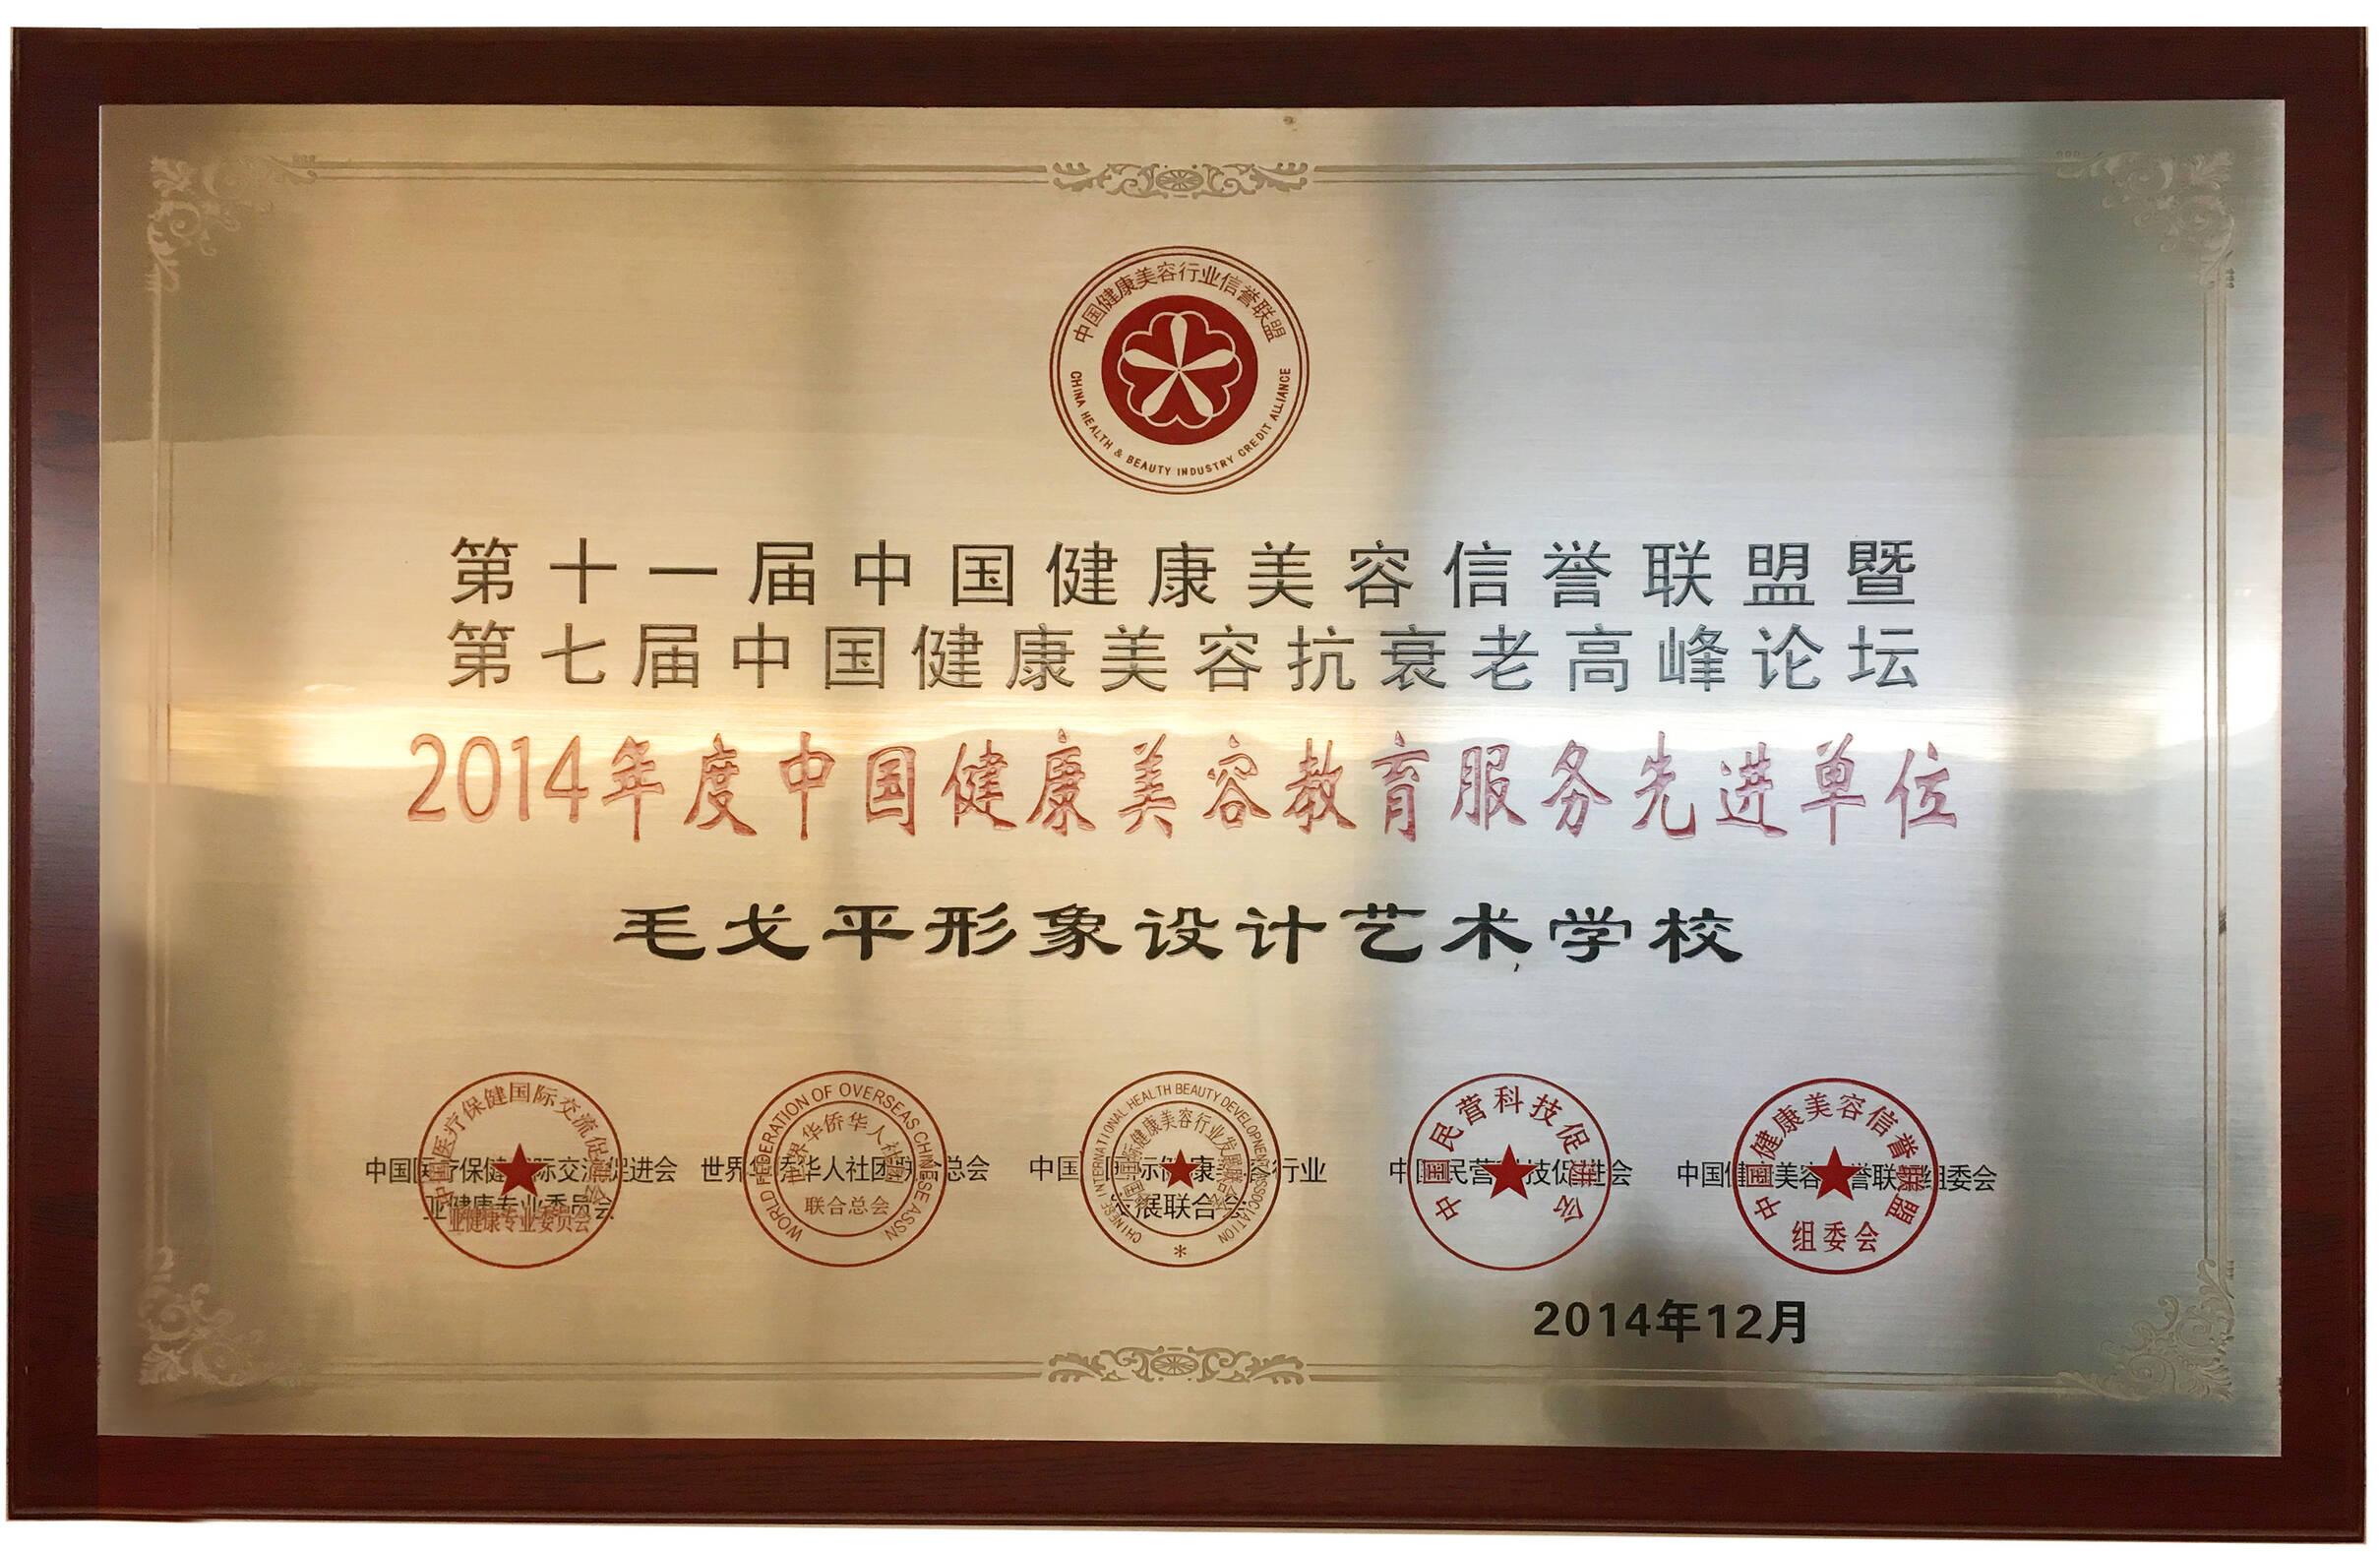 2014年度中国健康美容教育服务先进单位